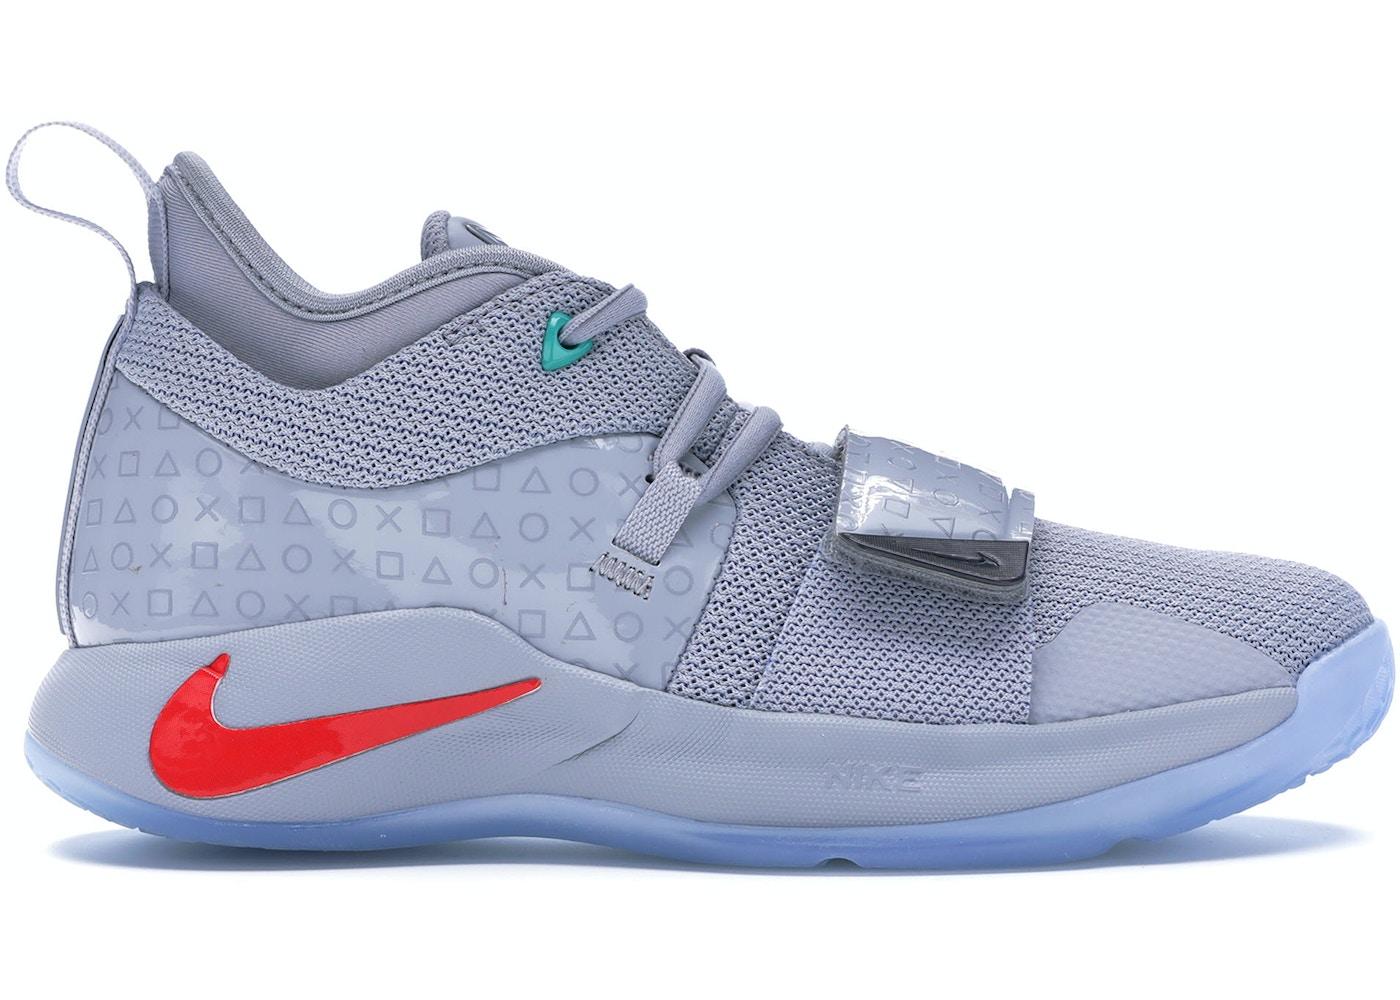 ccd20c49ff8af HypeAnalyzer · Nike PG 2.5 Playstation Wolf Grey (GS)